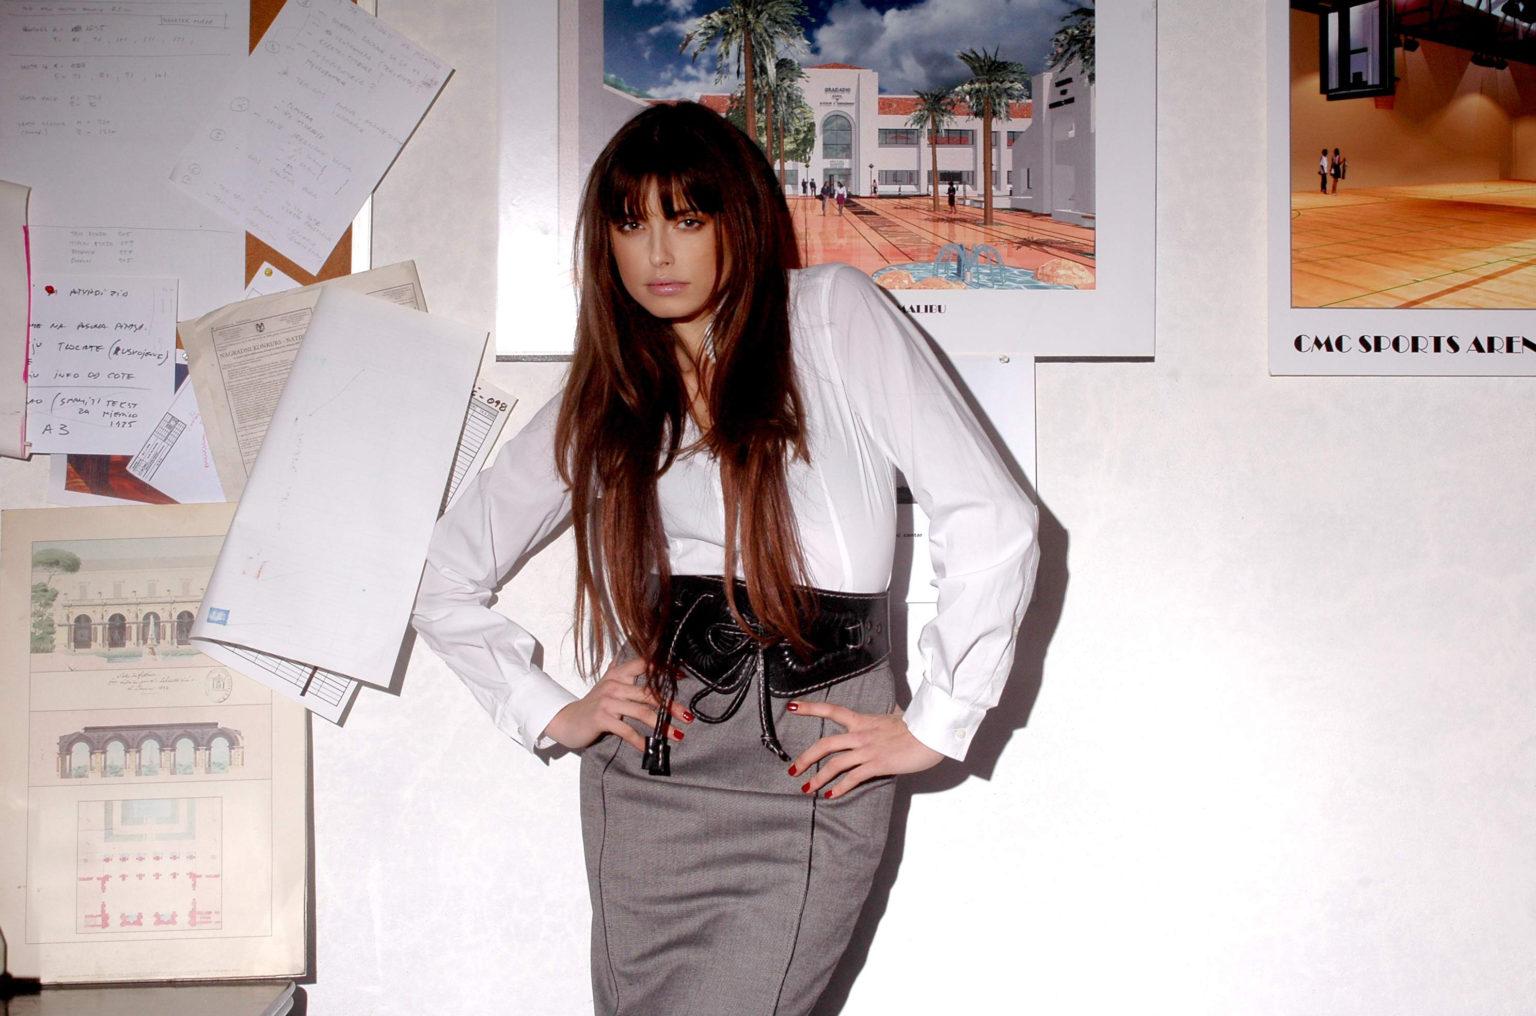 Silajdzic Amra portret manekenka 10 02 2007 1536x1016 1